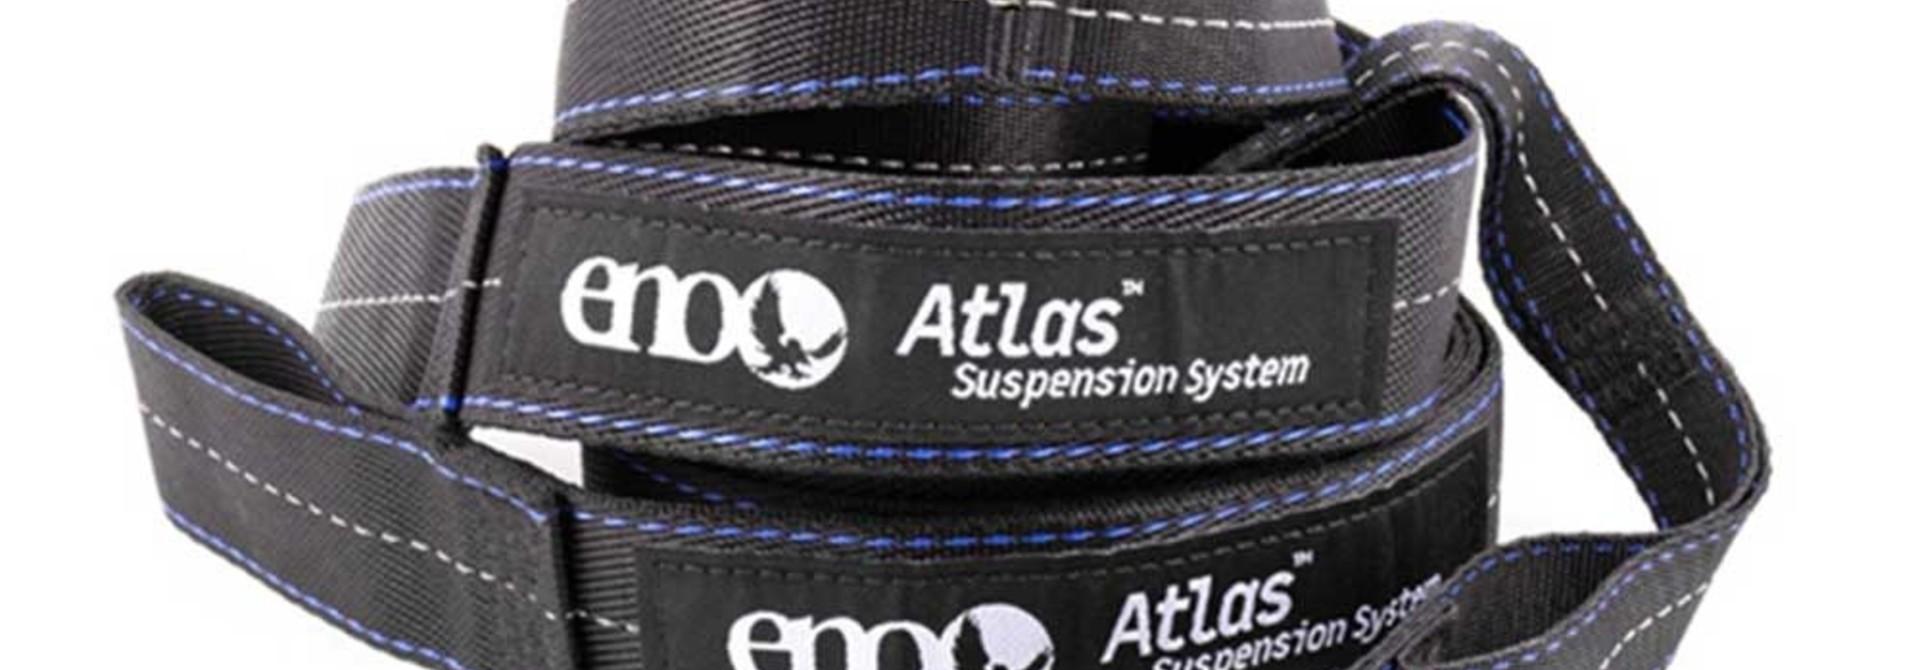 ENO Atlas Suspension Strap